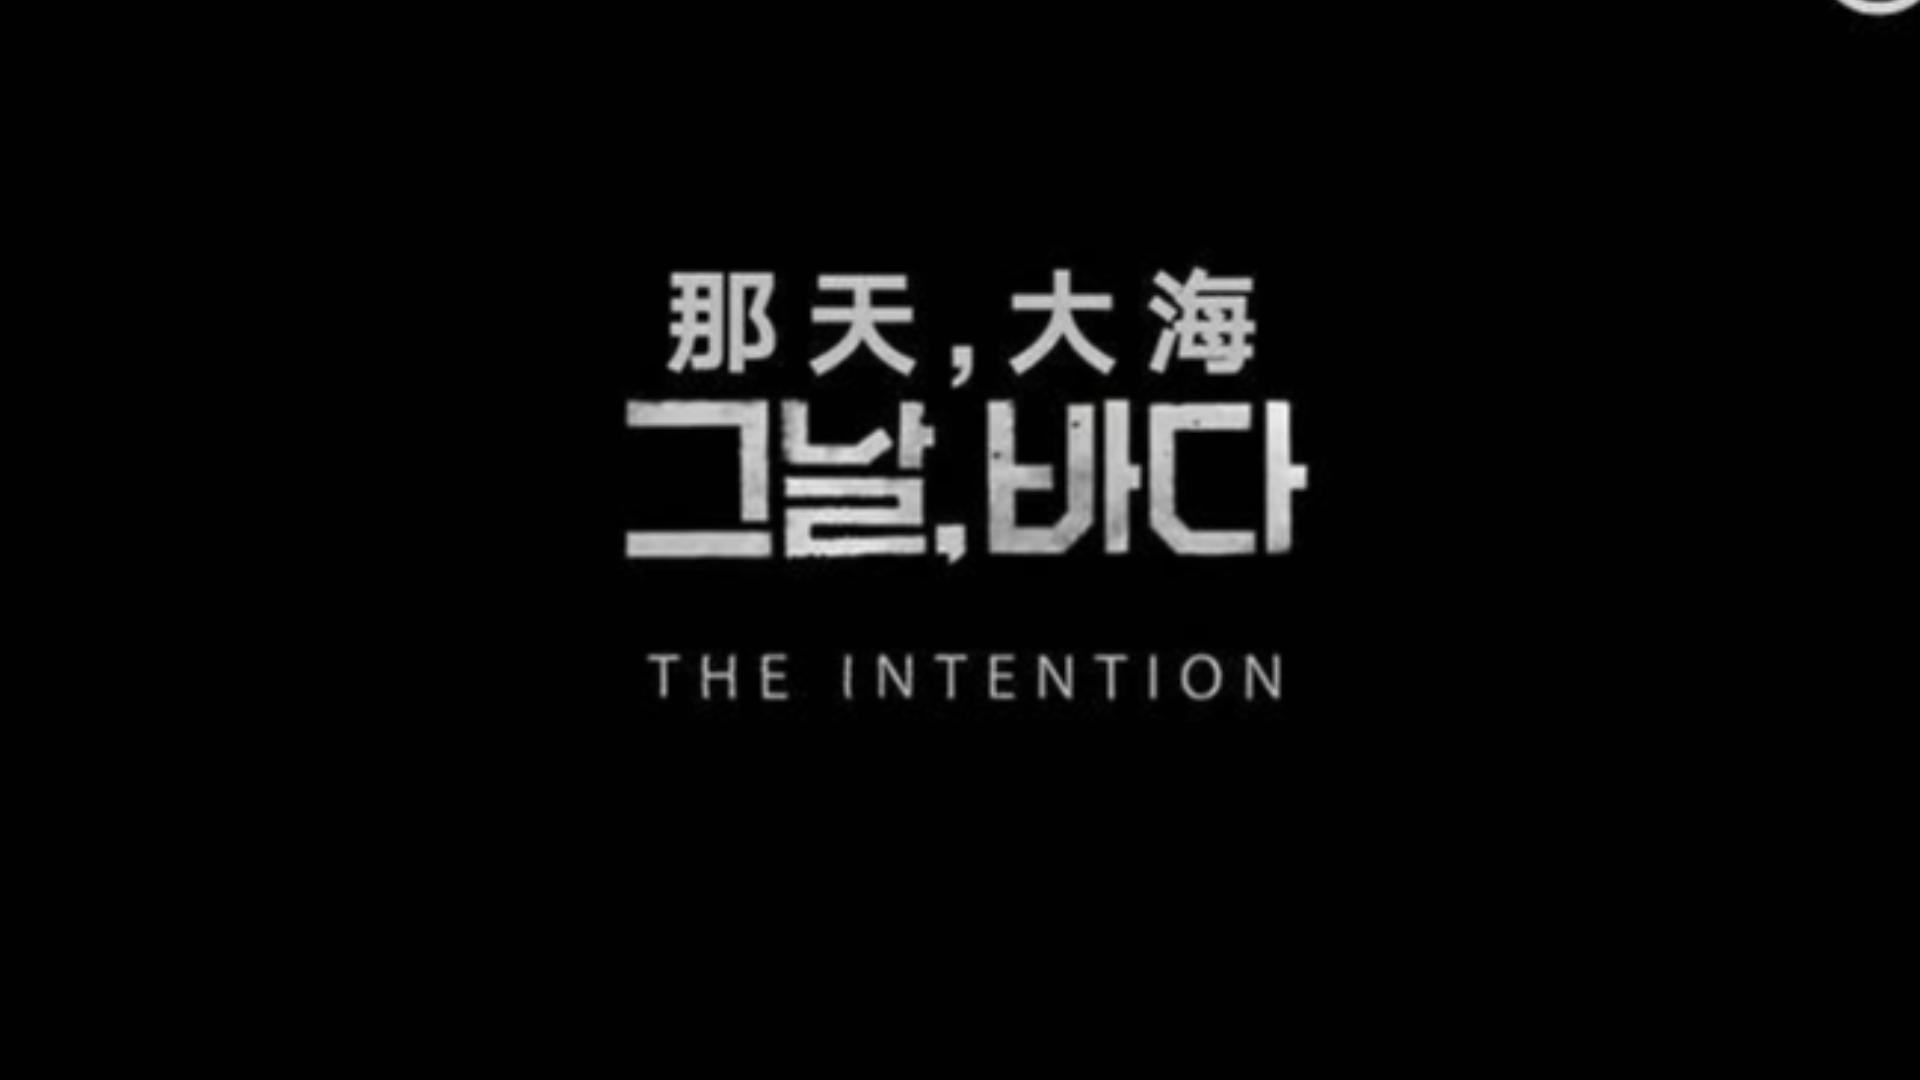 世越号沉船事件纪录片《那天,大海》